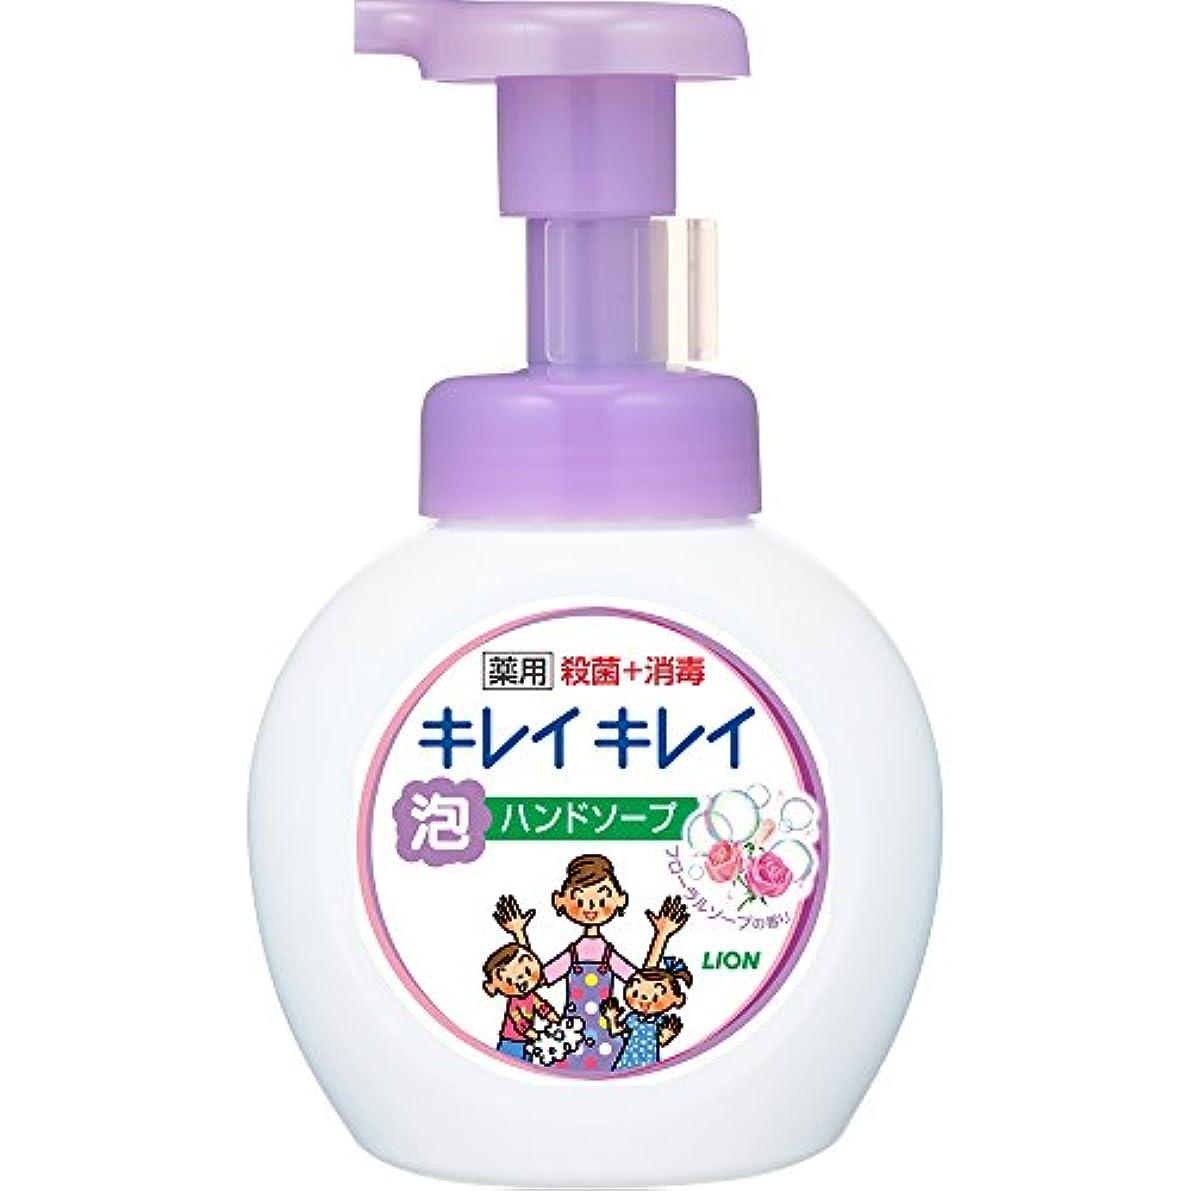 書き込み検査官神秘キレイキレイ 薬用 泡ハンドソープ フローラルソープの香り 本体ポンプ 250ml(医薬部外品)